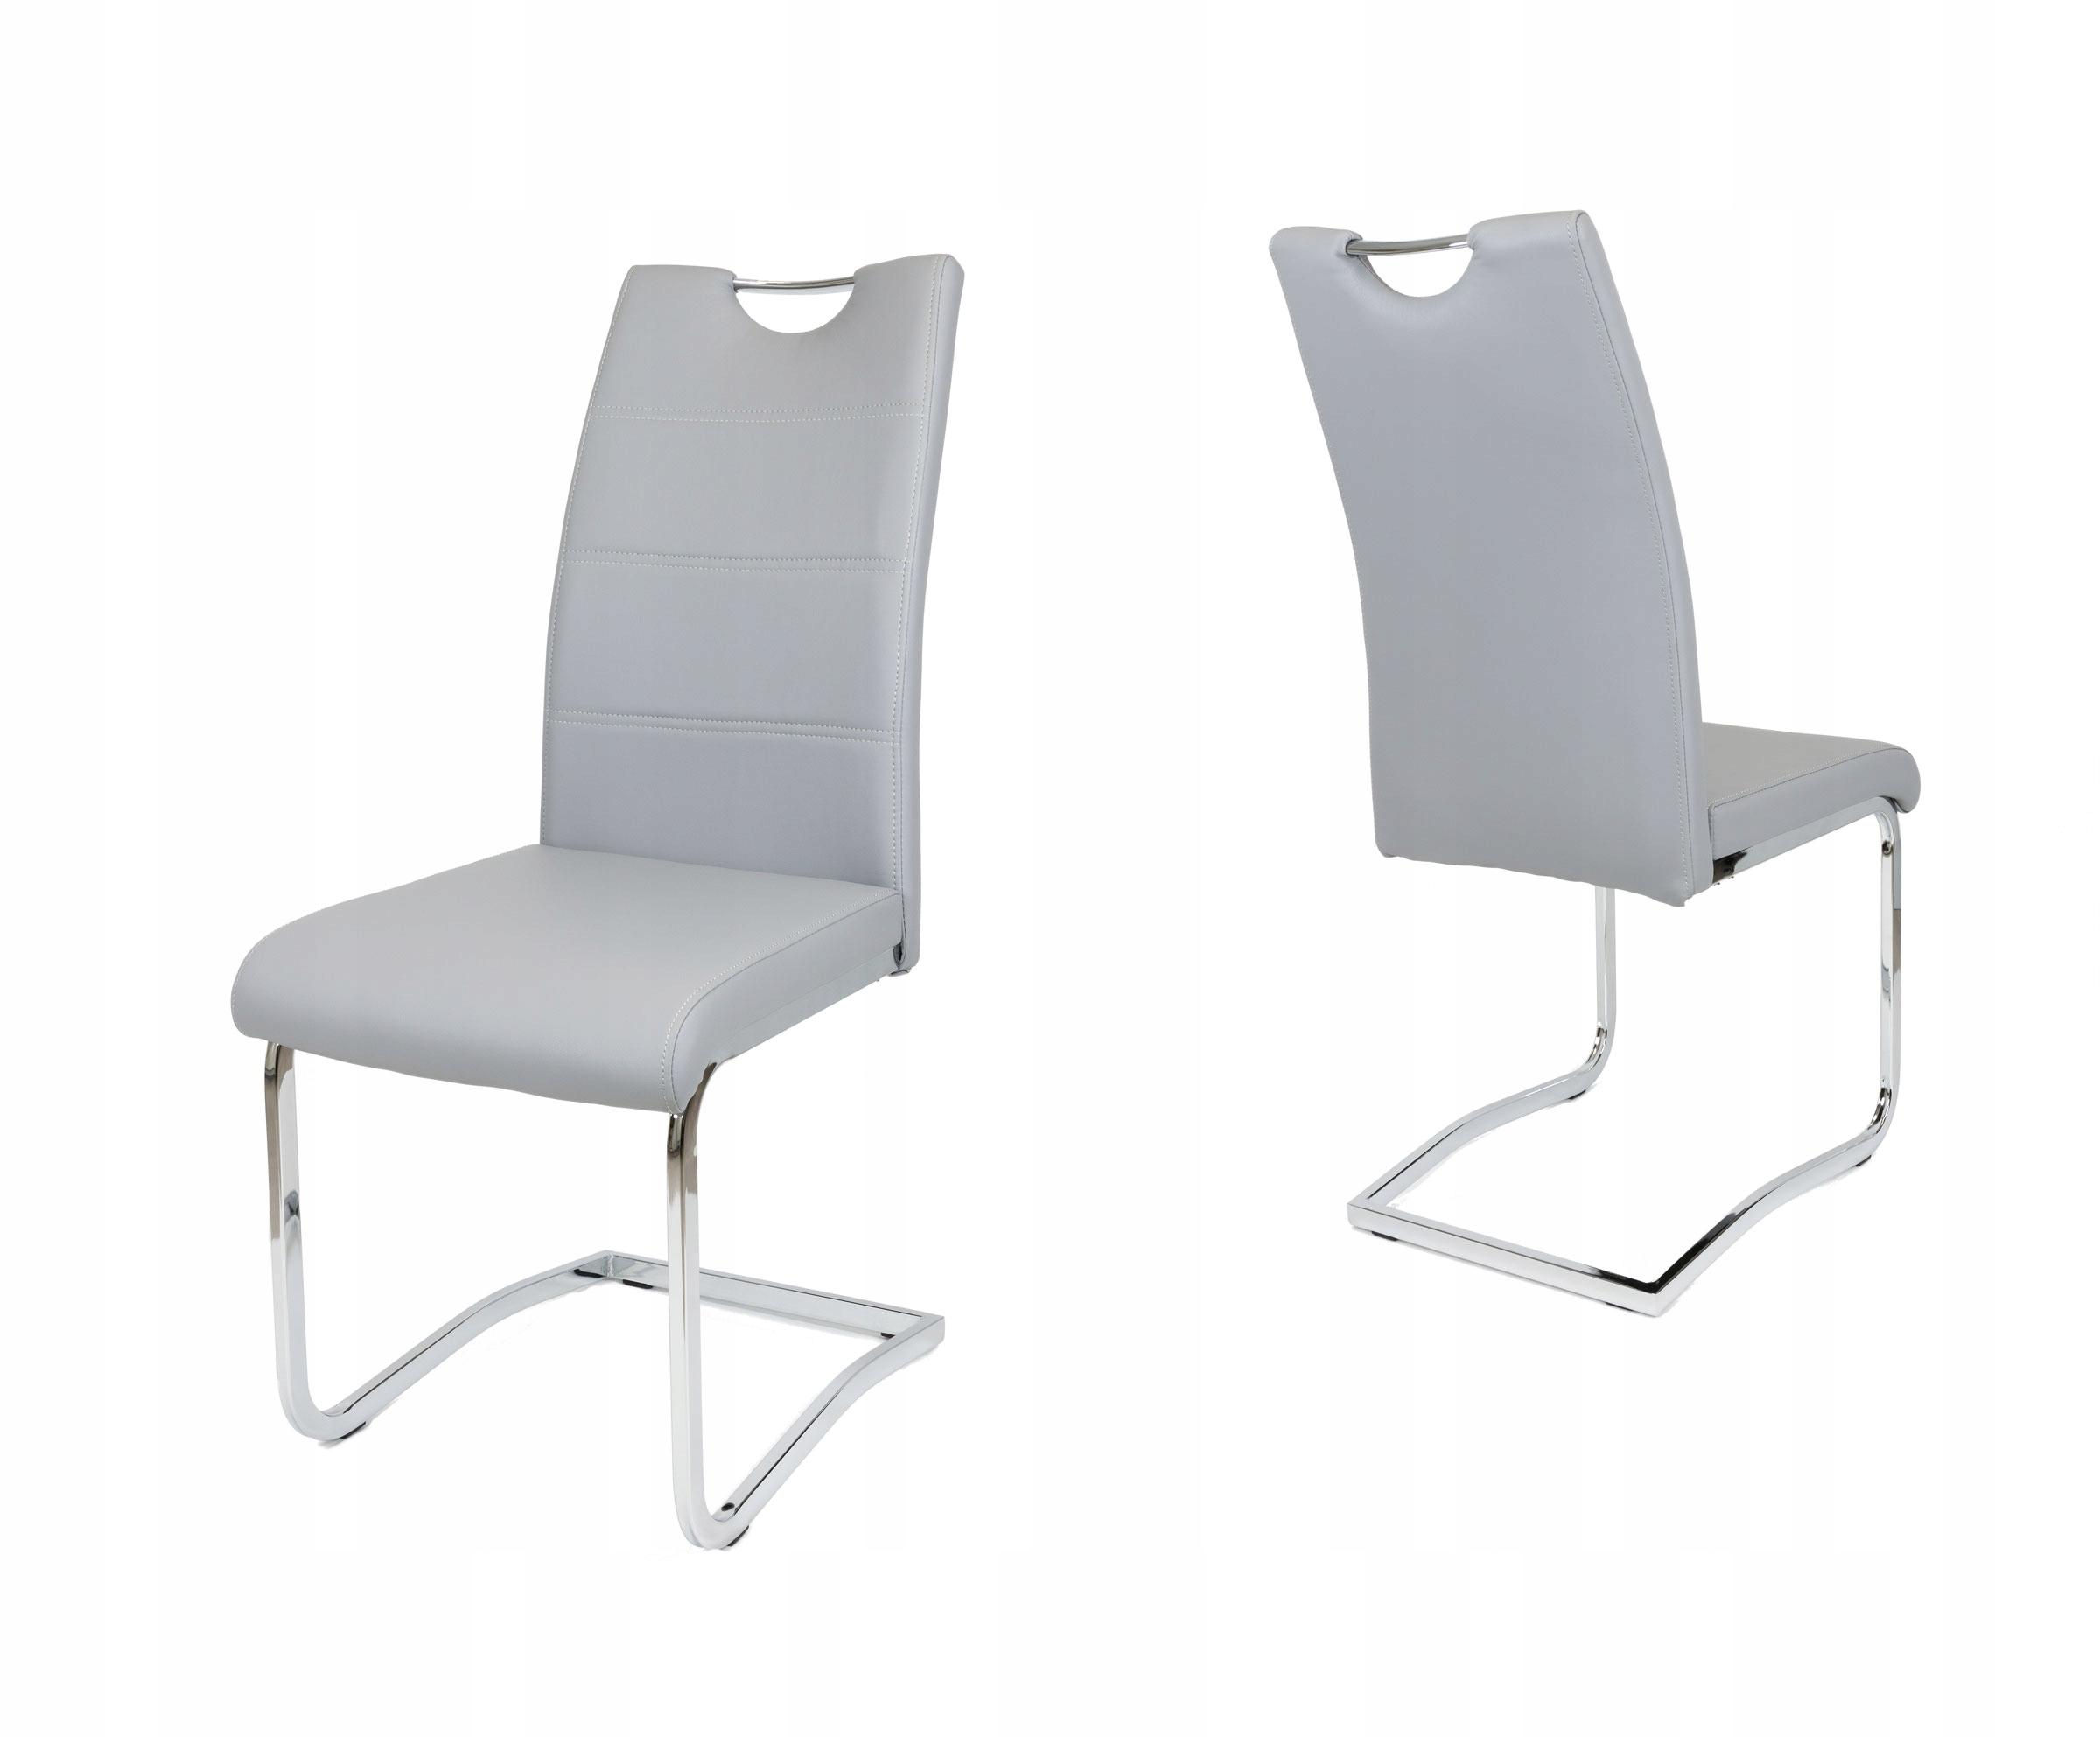 Szare krzesło do kuchni chrom bujak KS030 SZ